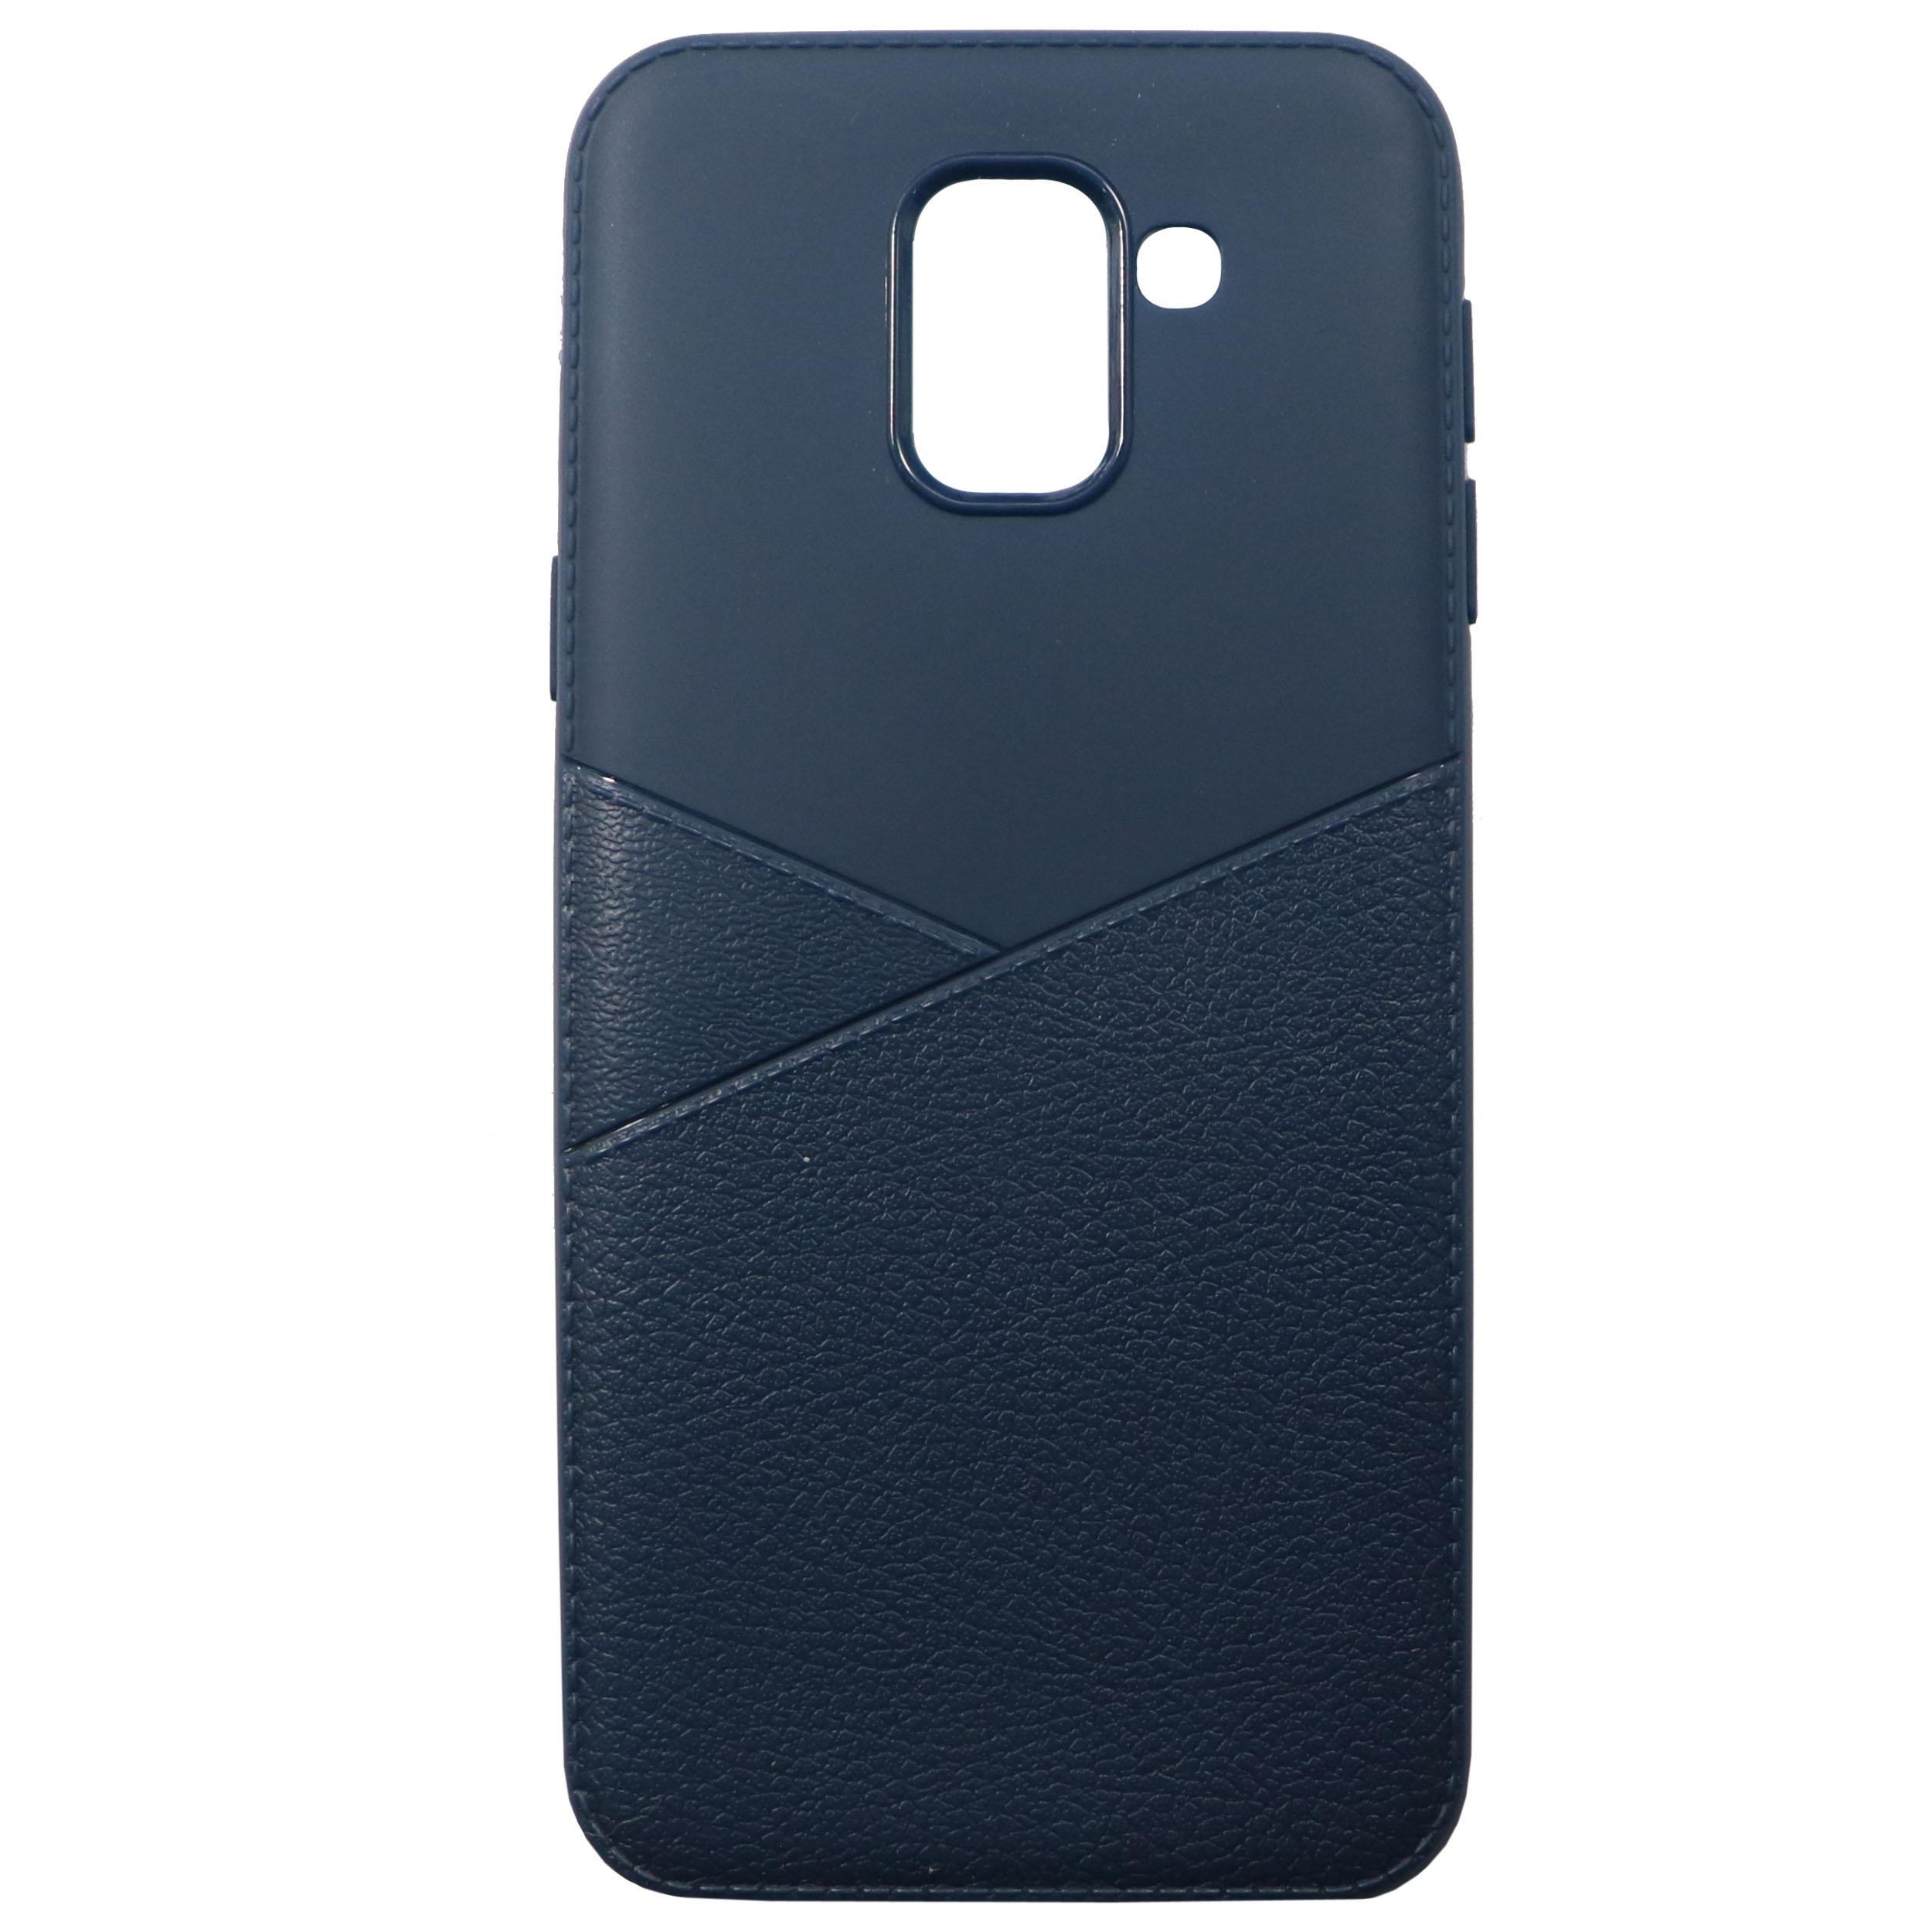 کاور مدل A1 مناسب برای گوشی موبایل سامسونگ Galaxy J6